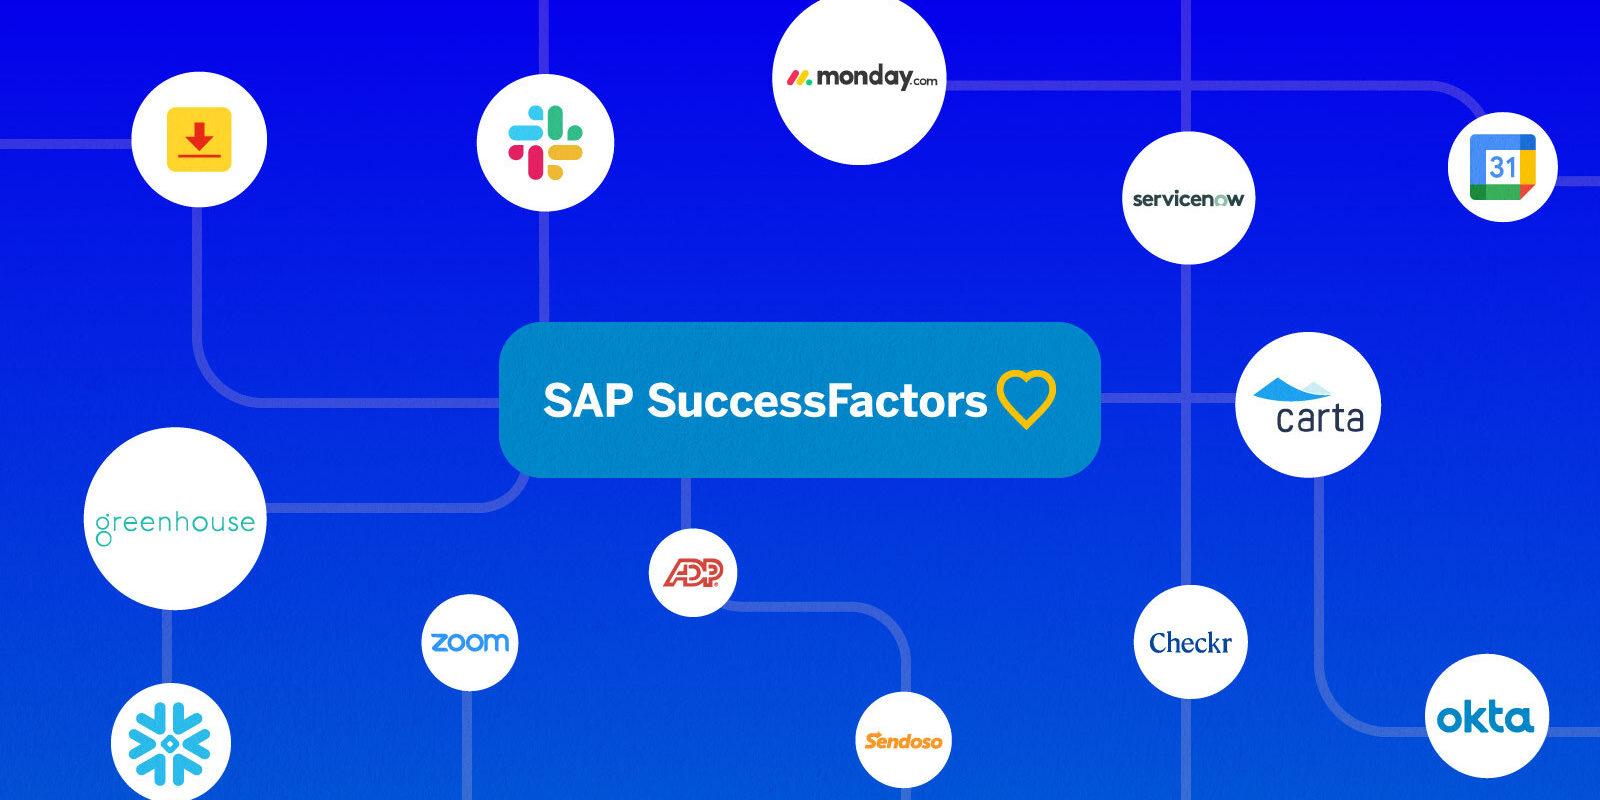 SuccessFactors automations